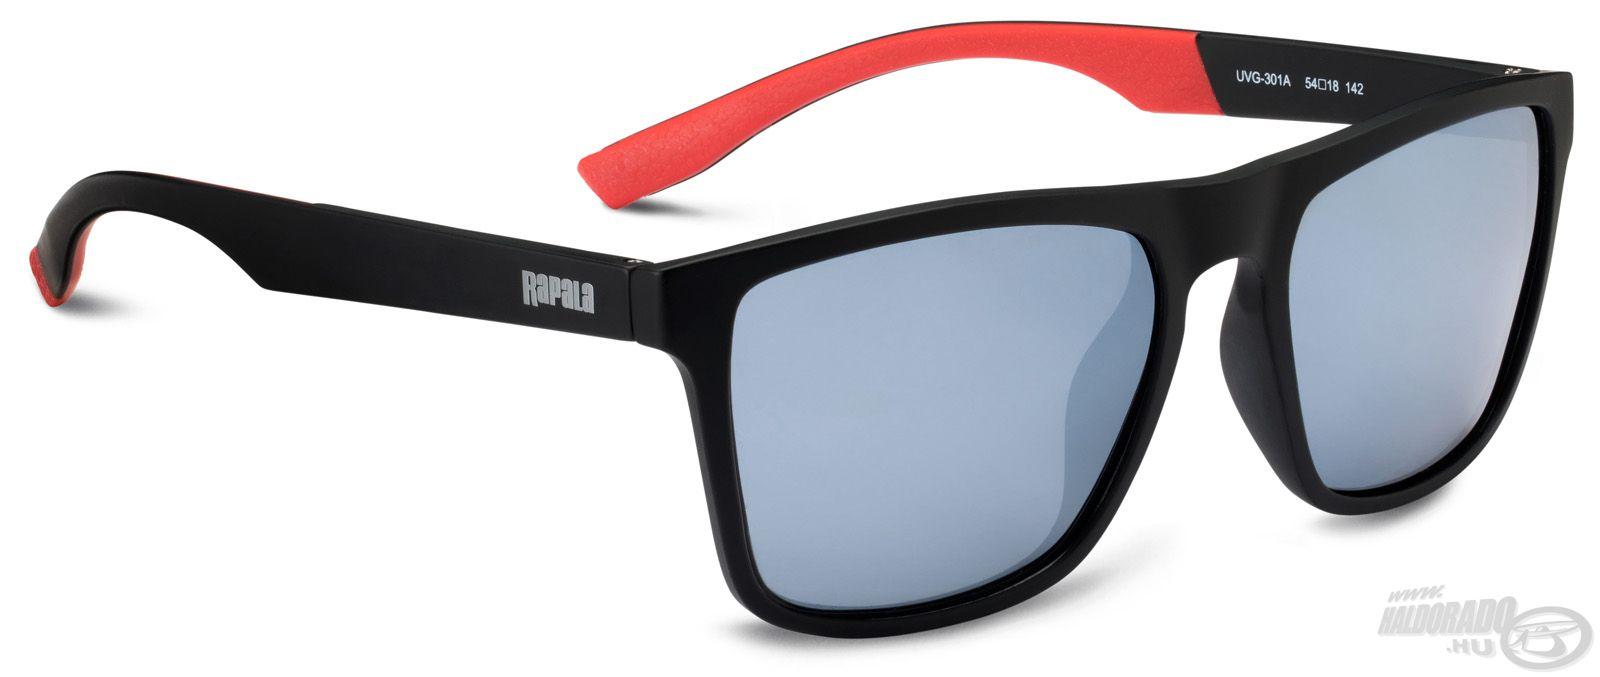 Fekete színű kerettel, a szárakon belül piros betéttel készül a Sportsman's UVG-301A napszemüveg. A lencsék színe szürke